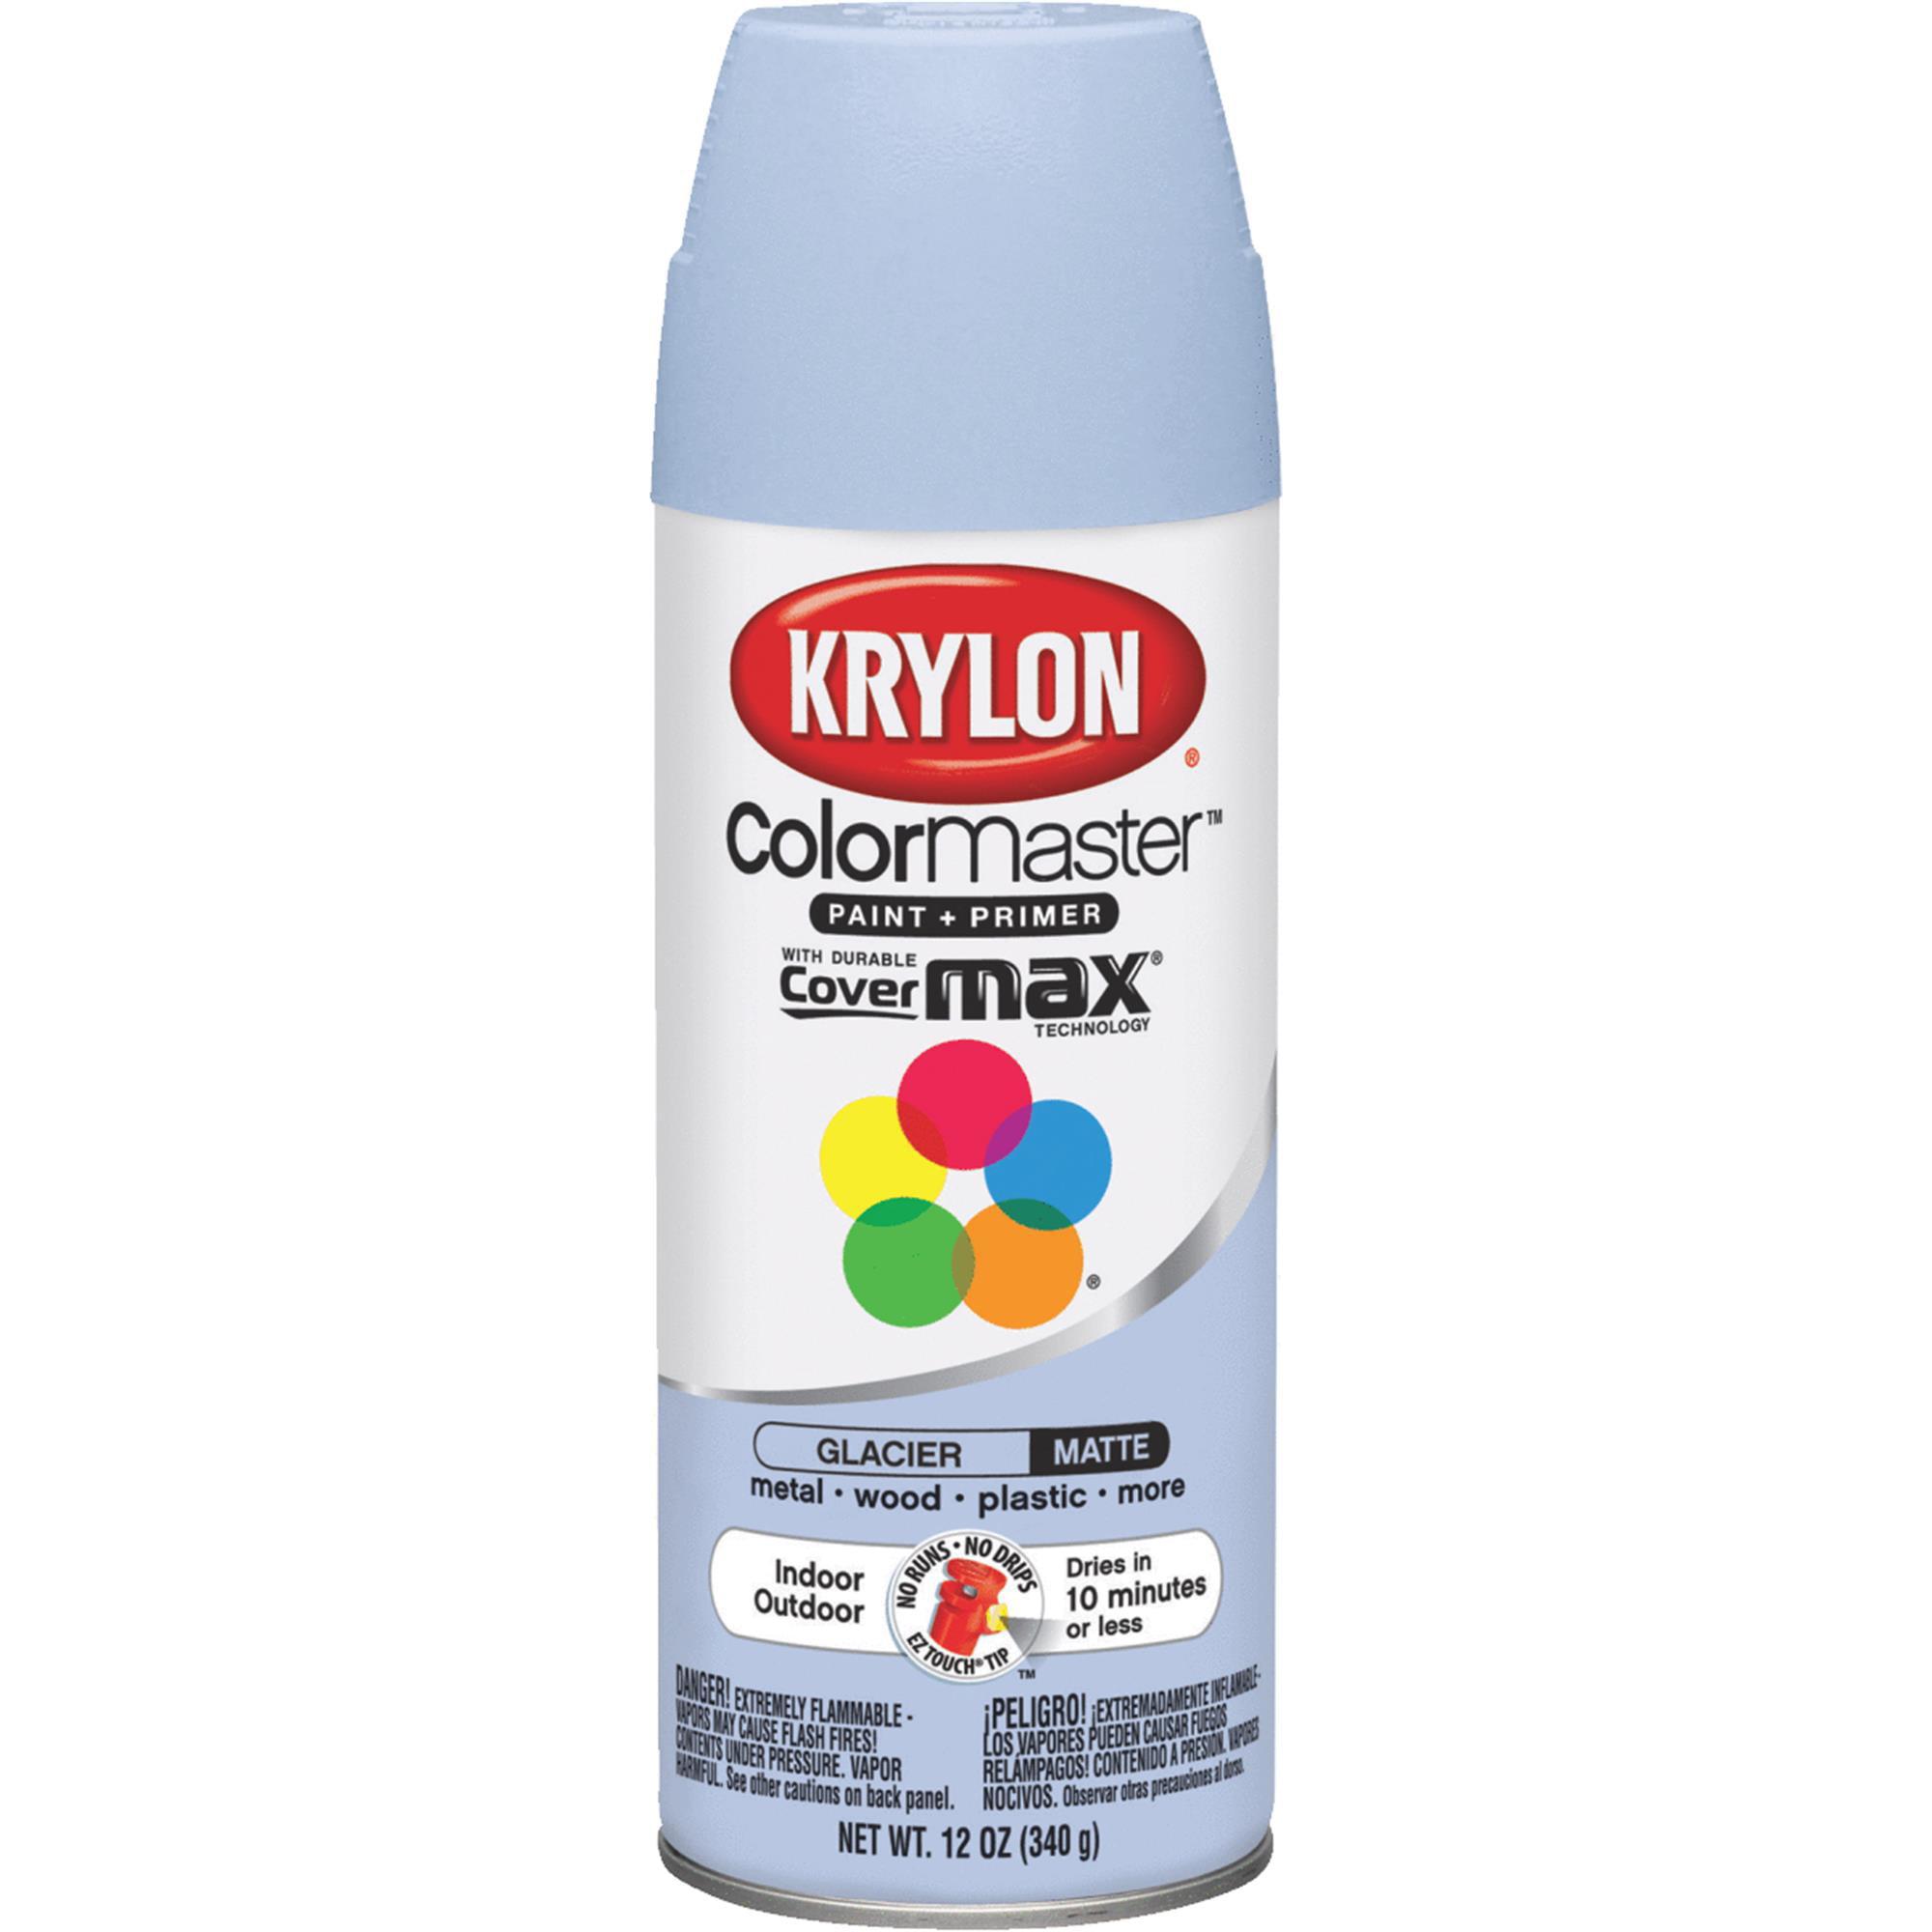 Krylon ColorMaster Paint + Primer Spray Paint